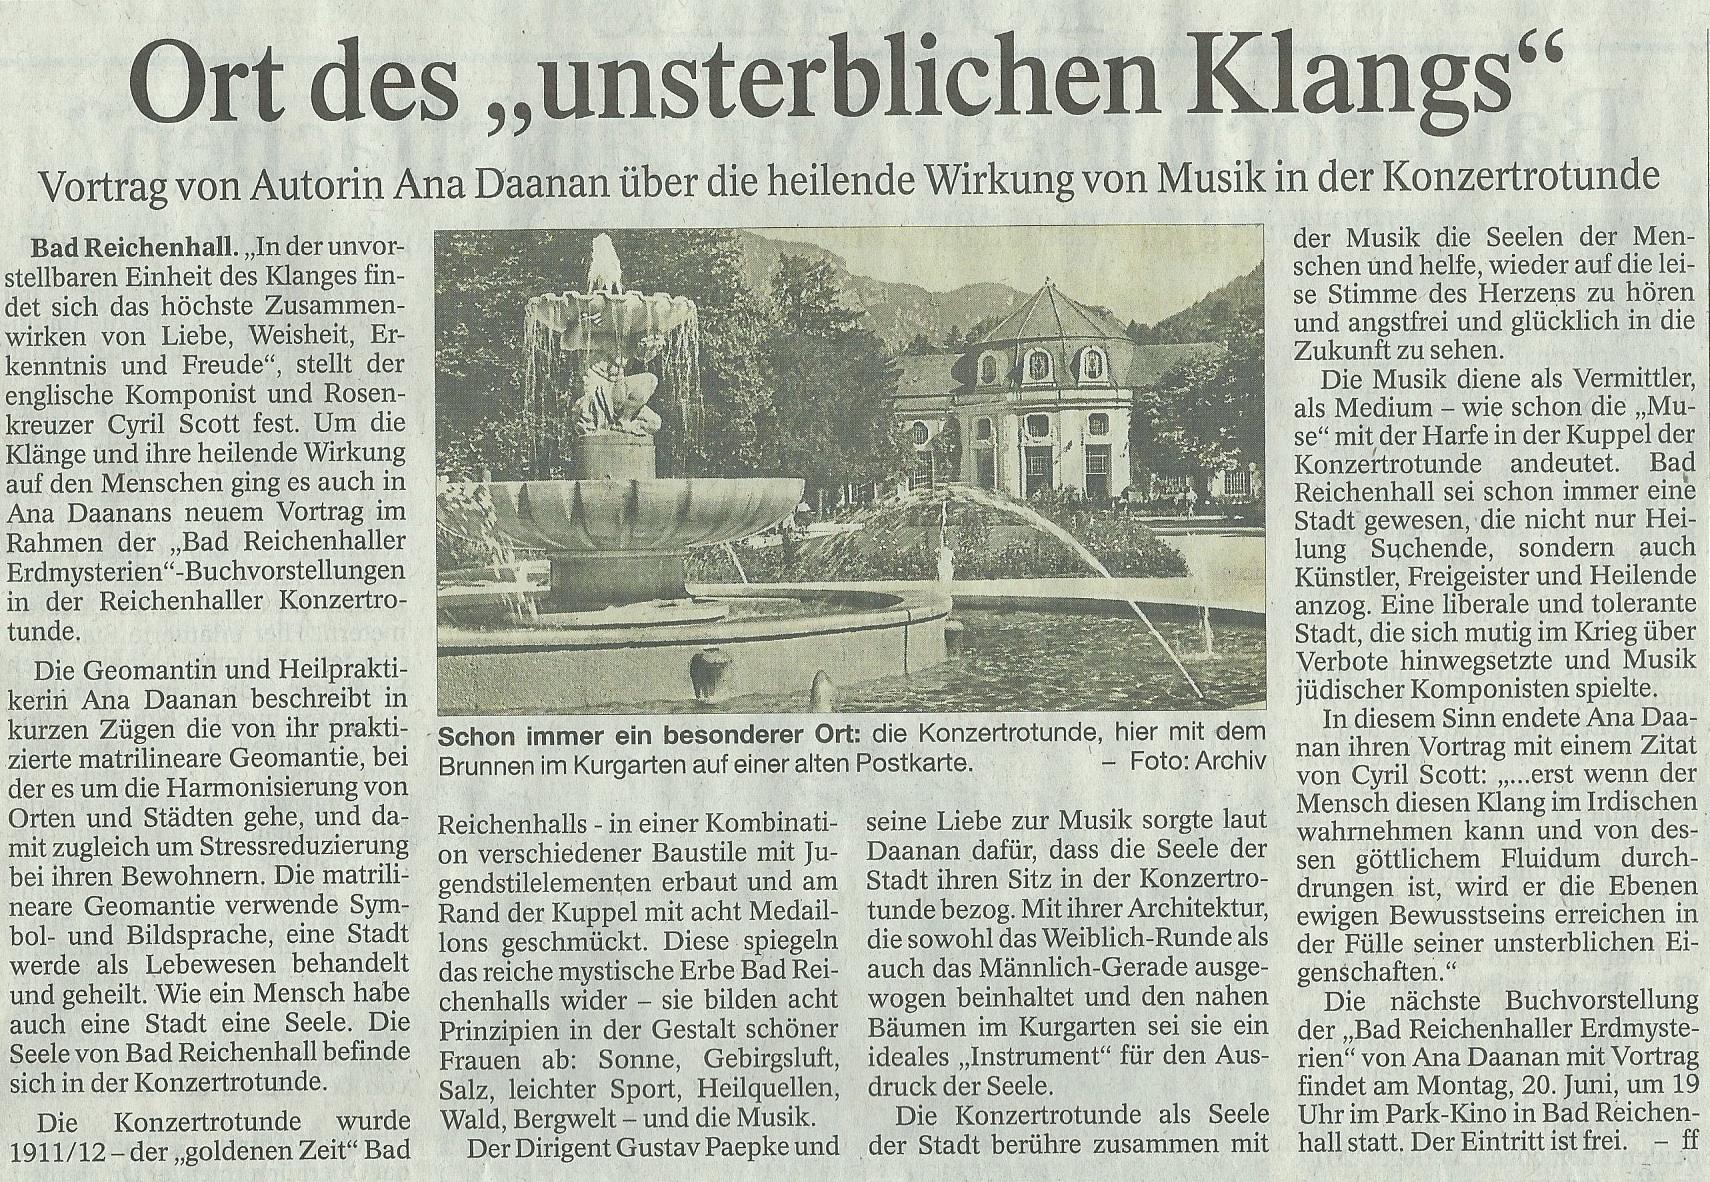 Artikel am 27.04.16 im Reichenhaller Tagblatt